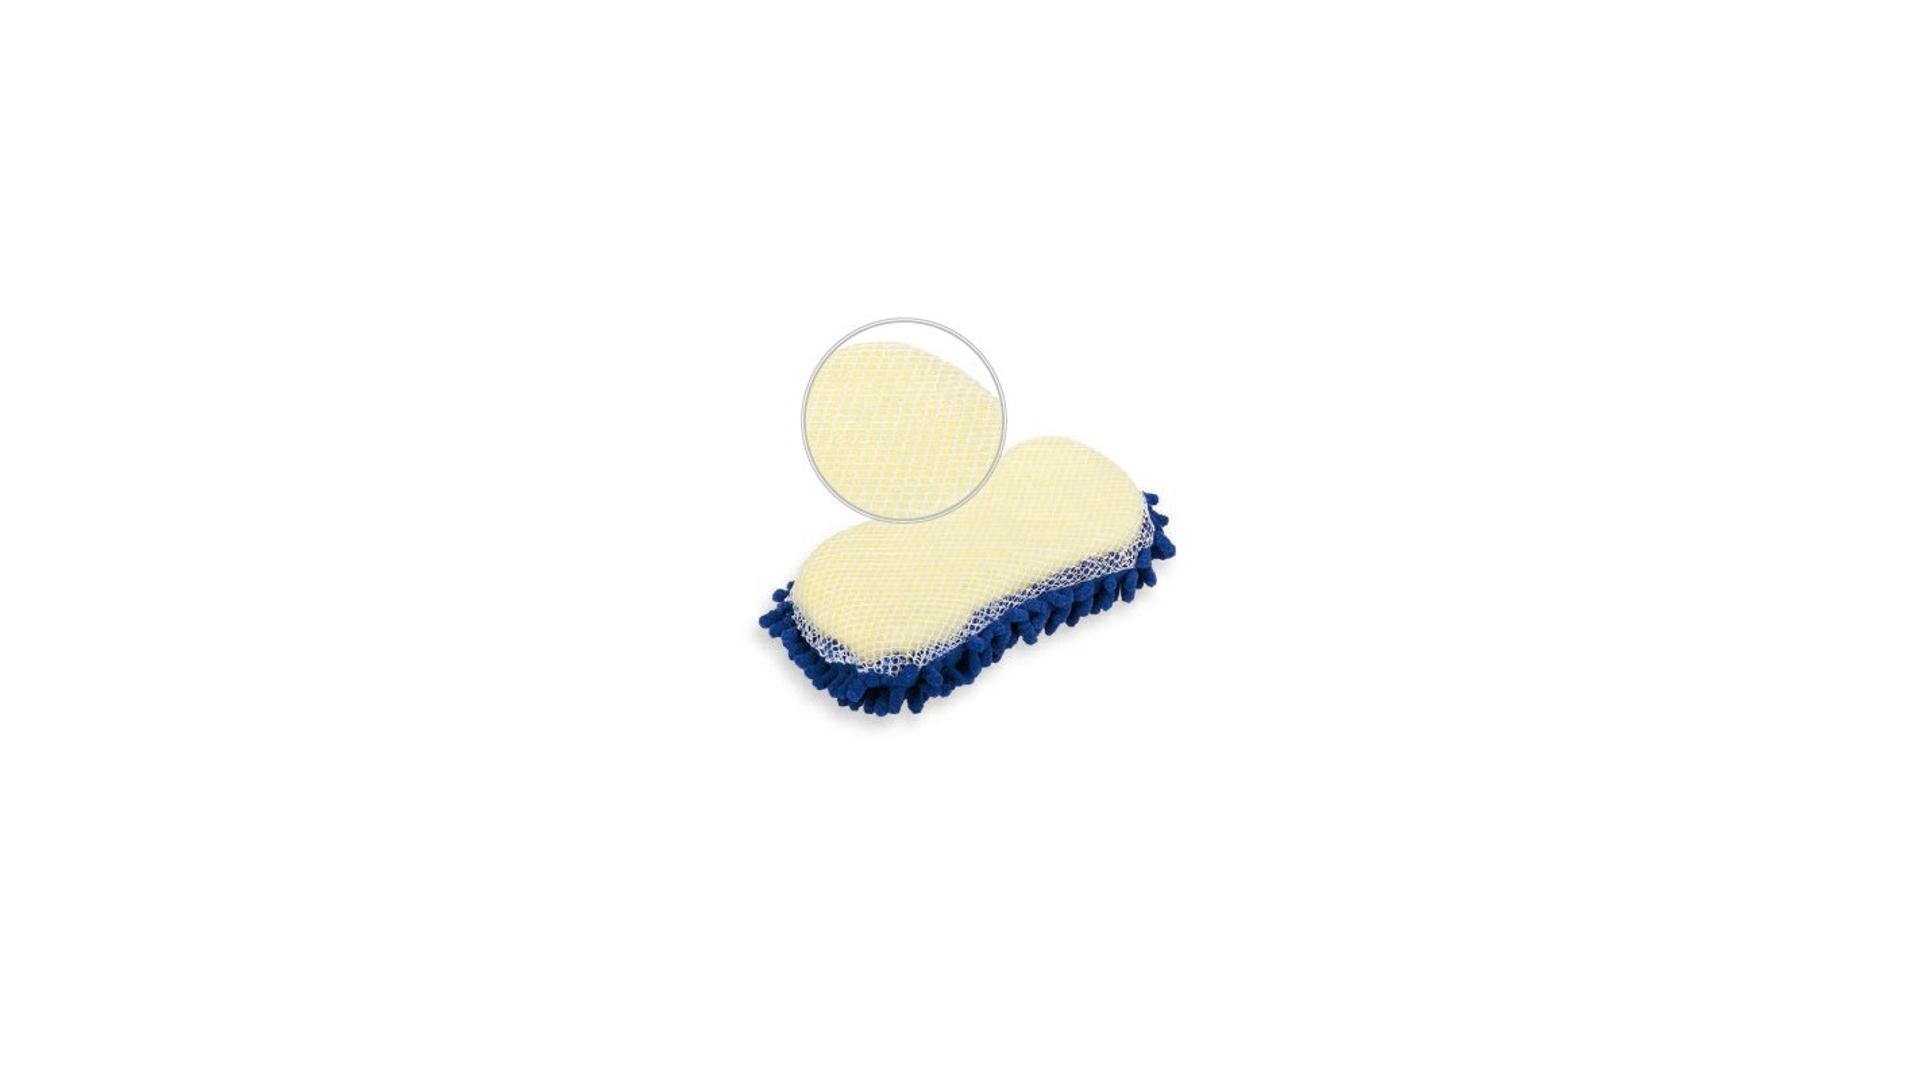 CARLSON mycí houbka mikrovlákno